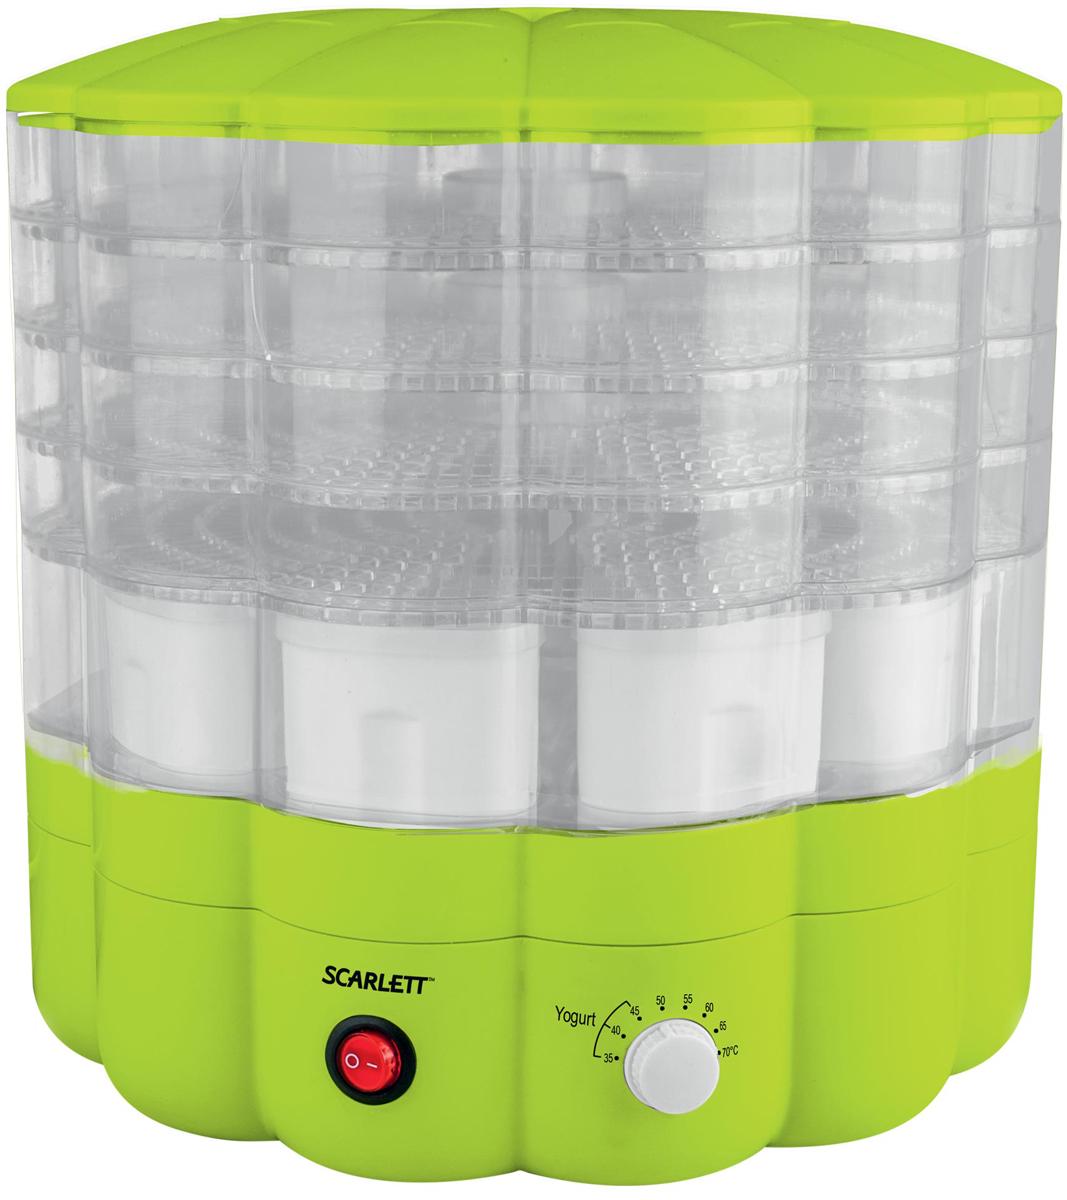 Электросушилка Scarlett SC-FD421004 предназначена для сушки овощей, фруктов, грибов, трав и ягод в домашних условиях. Имеет 5 прозрачных поддонов, максимальная загрузка 1 поддона - 0,8 кг. Оригинальный дизайн, механическое  управление, встроенный вентилятор. Набор для приготовления йогурта в комплекте: 9 пластиковых емкостей по 120 мл, и книга рецептов разнообразят вашу привычную кухню.